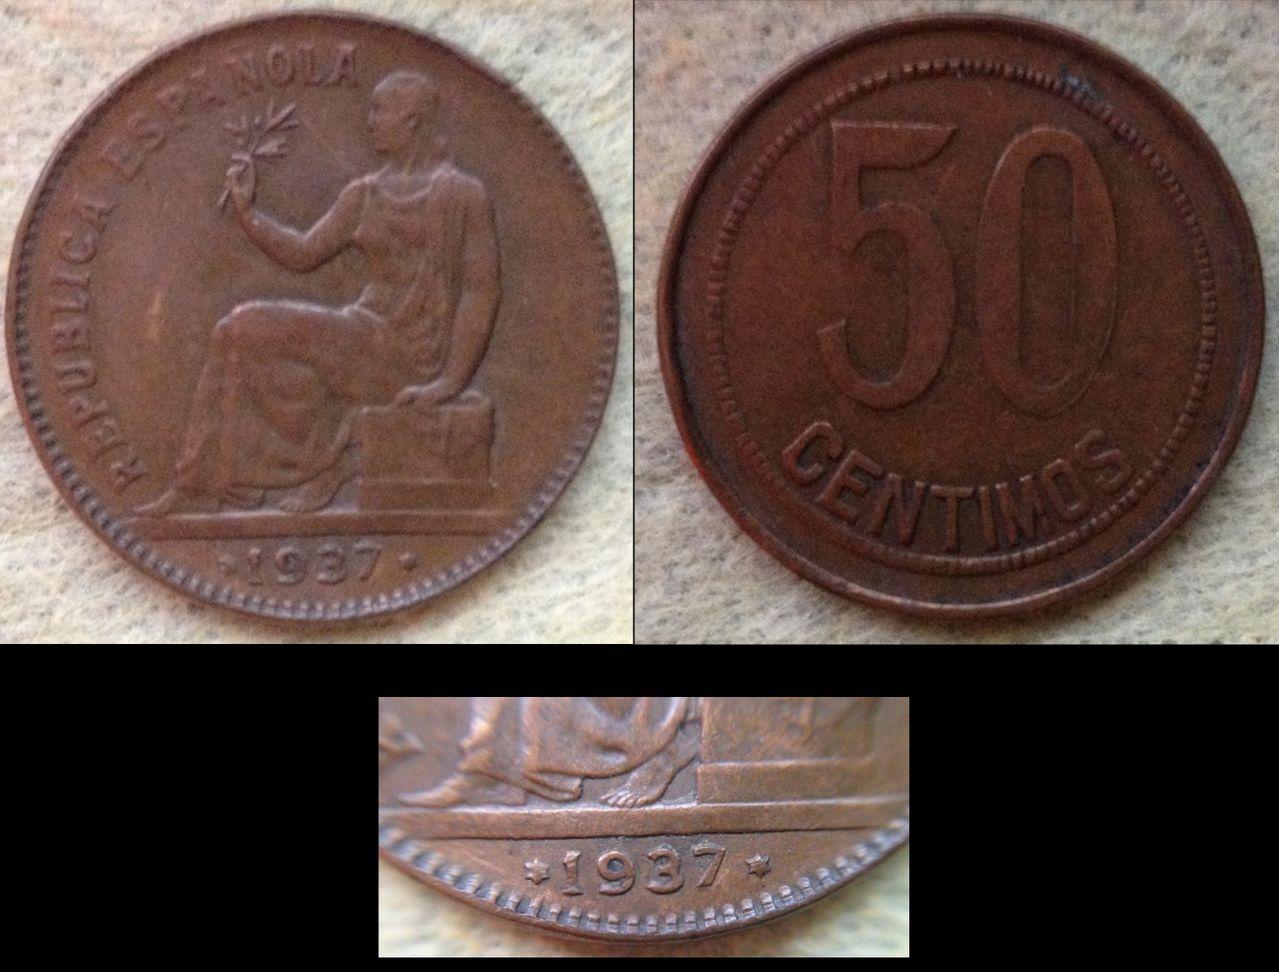 50 céntimos 1937 Orla de puntos cuadrados y estrellas anepígrafas-Republica Española Orla_de_puntos_cuadrados_Anp